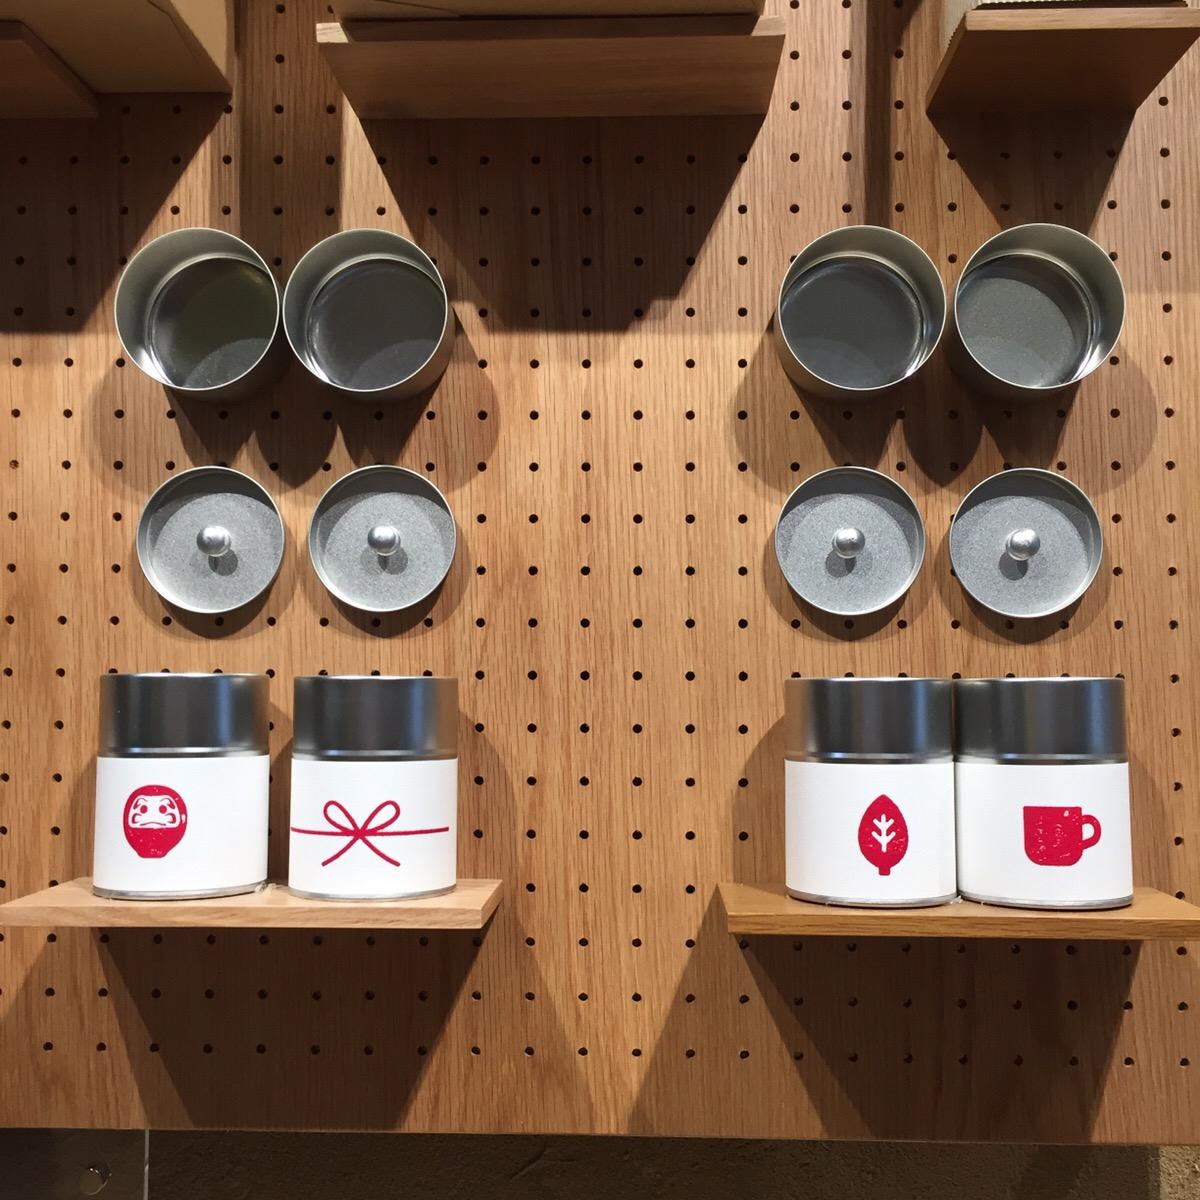 オリジナルのギフト用グッズにもジャパンテイストが。茶缶やオーガニックコットンのギフト箱、袋などが揃っている(有料)。